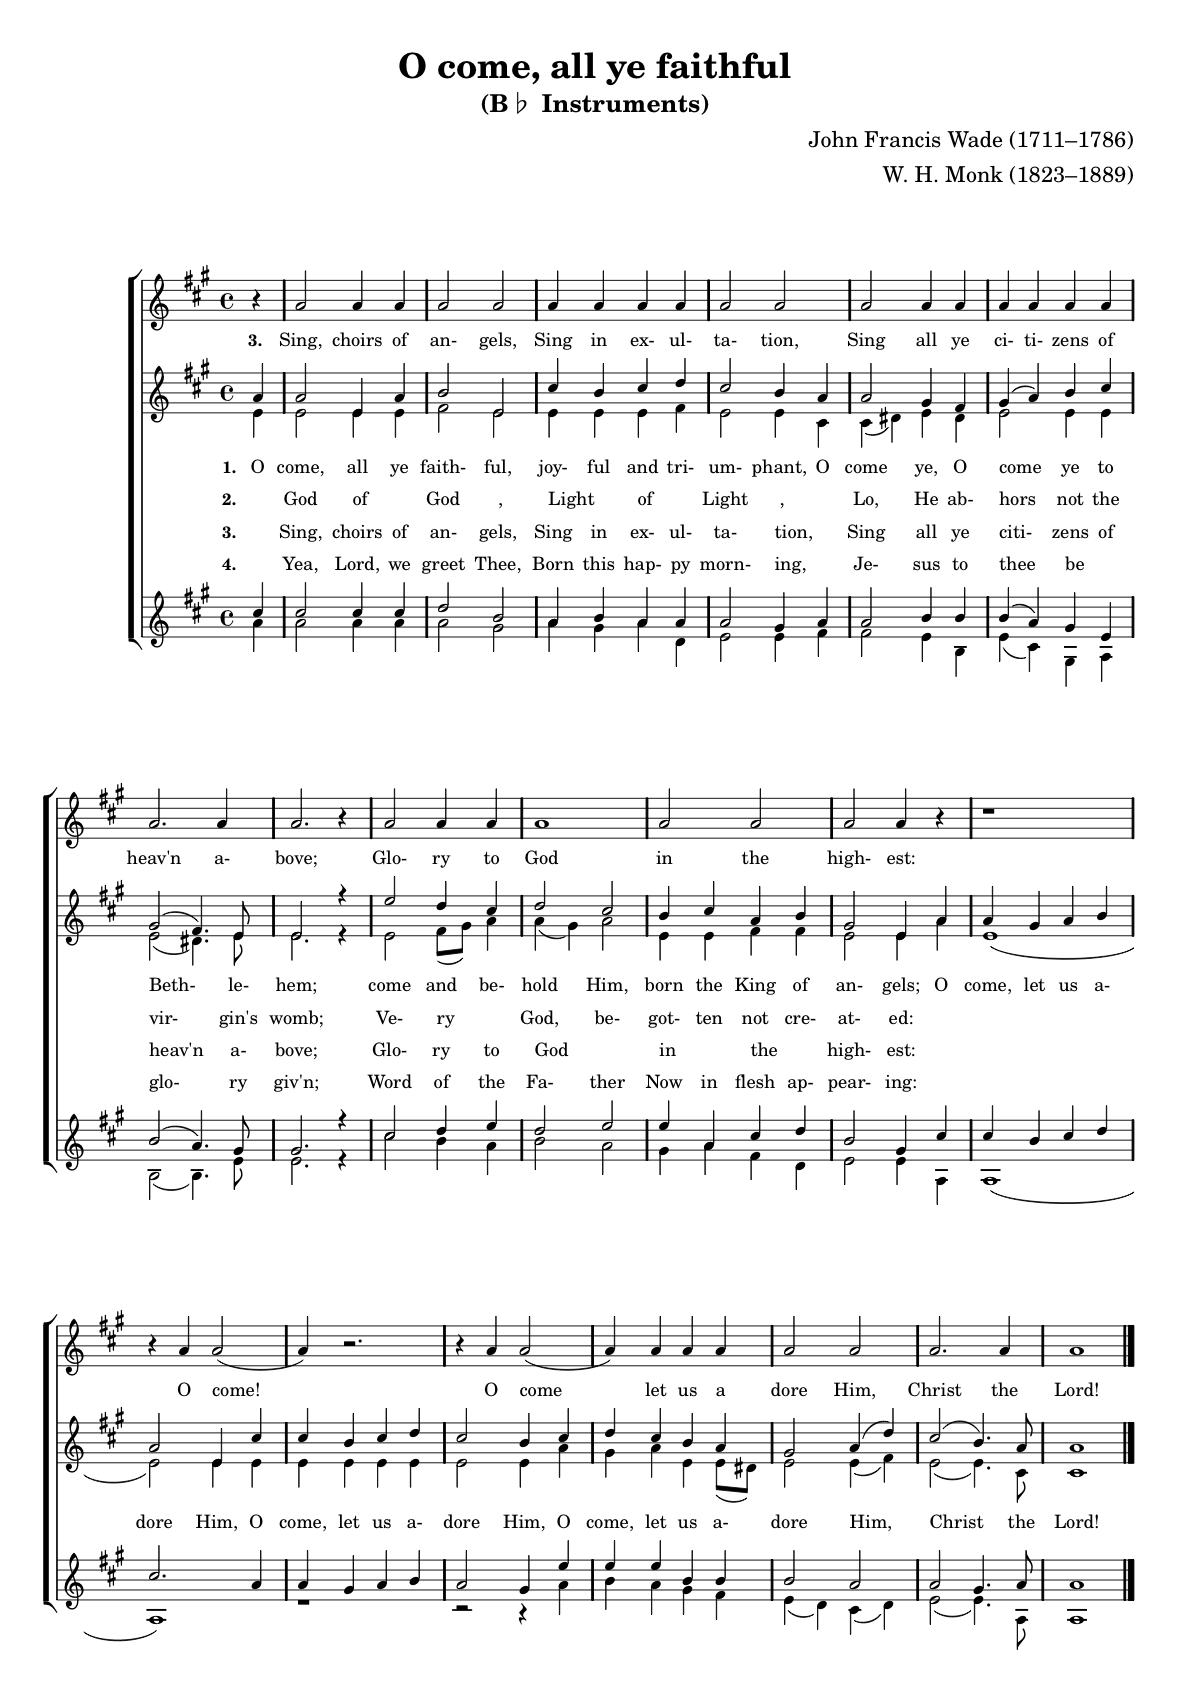 o come all ye faithful music.